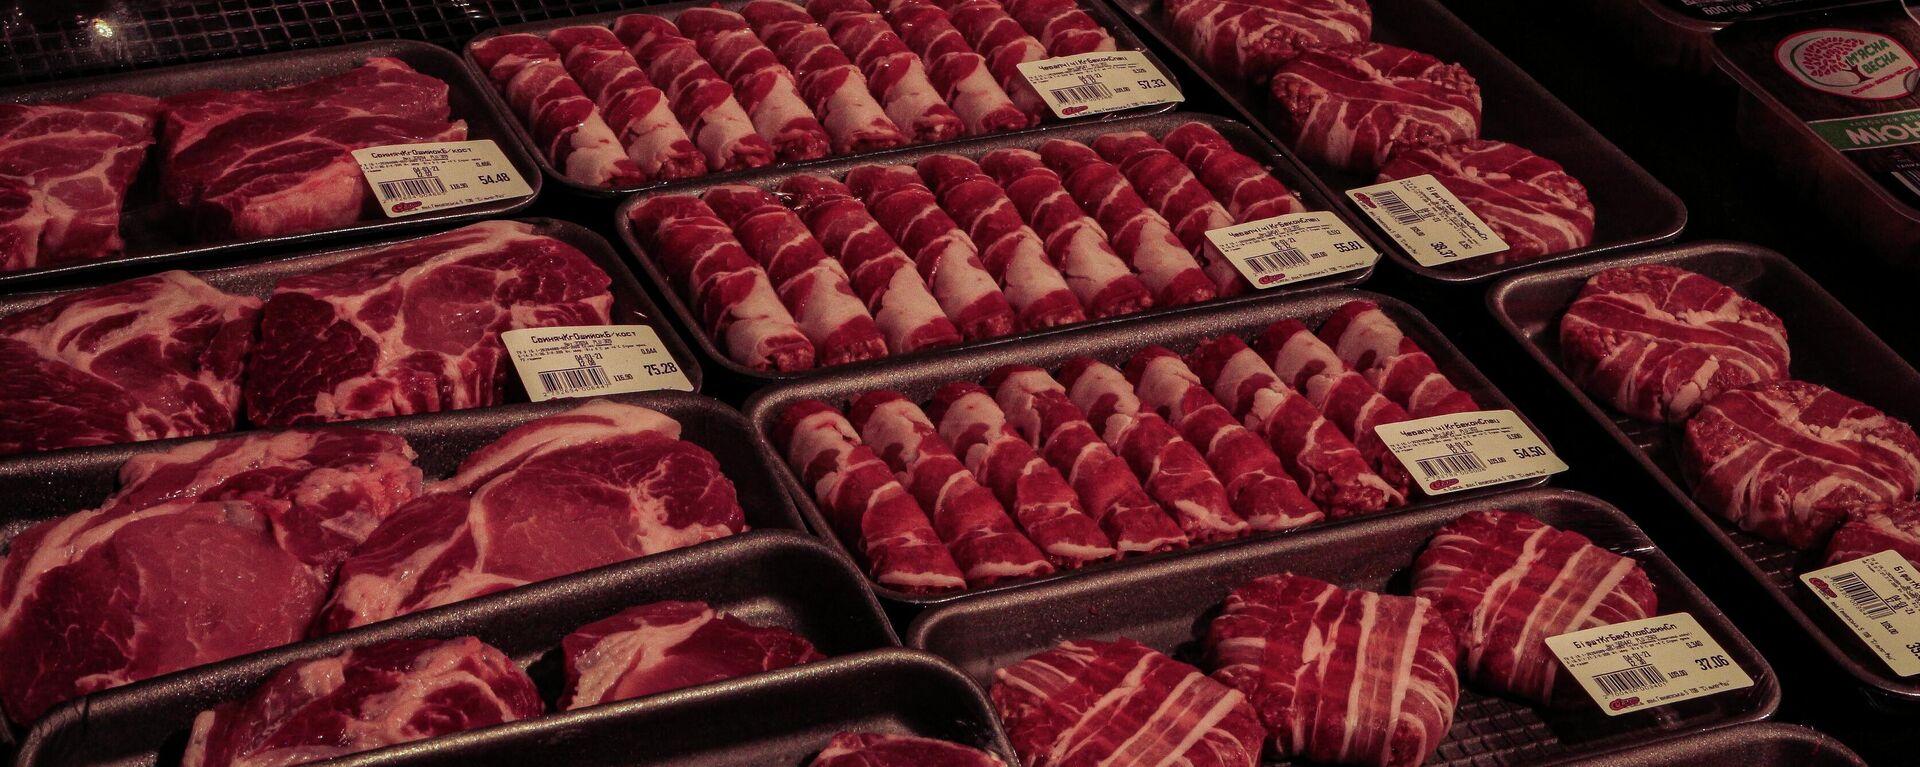 Мясо на прилавке - Sputnik Узбекистан, 1920, 19.04.2021